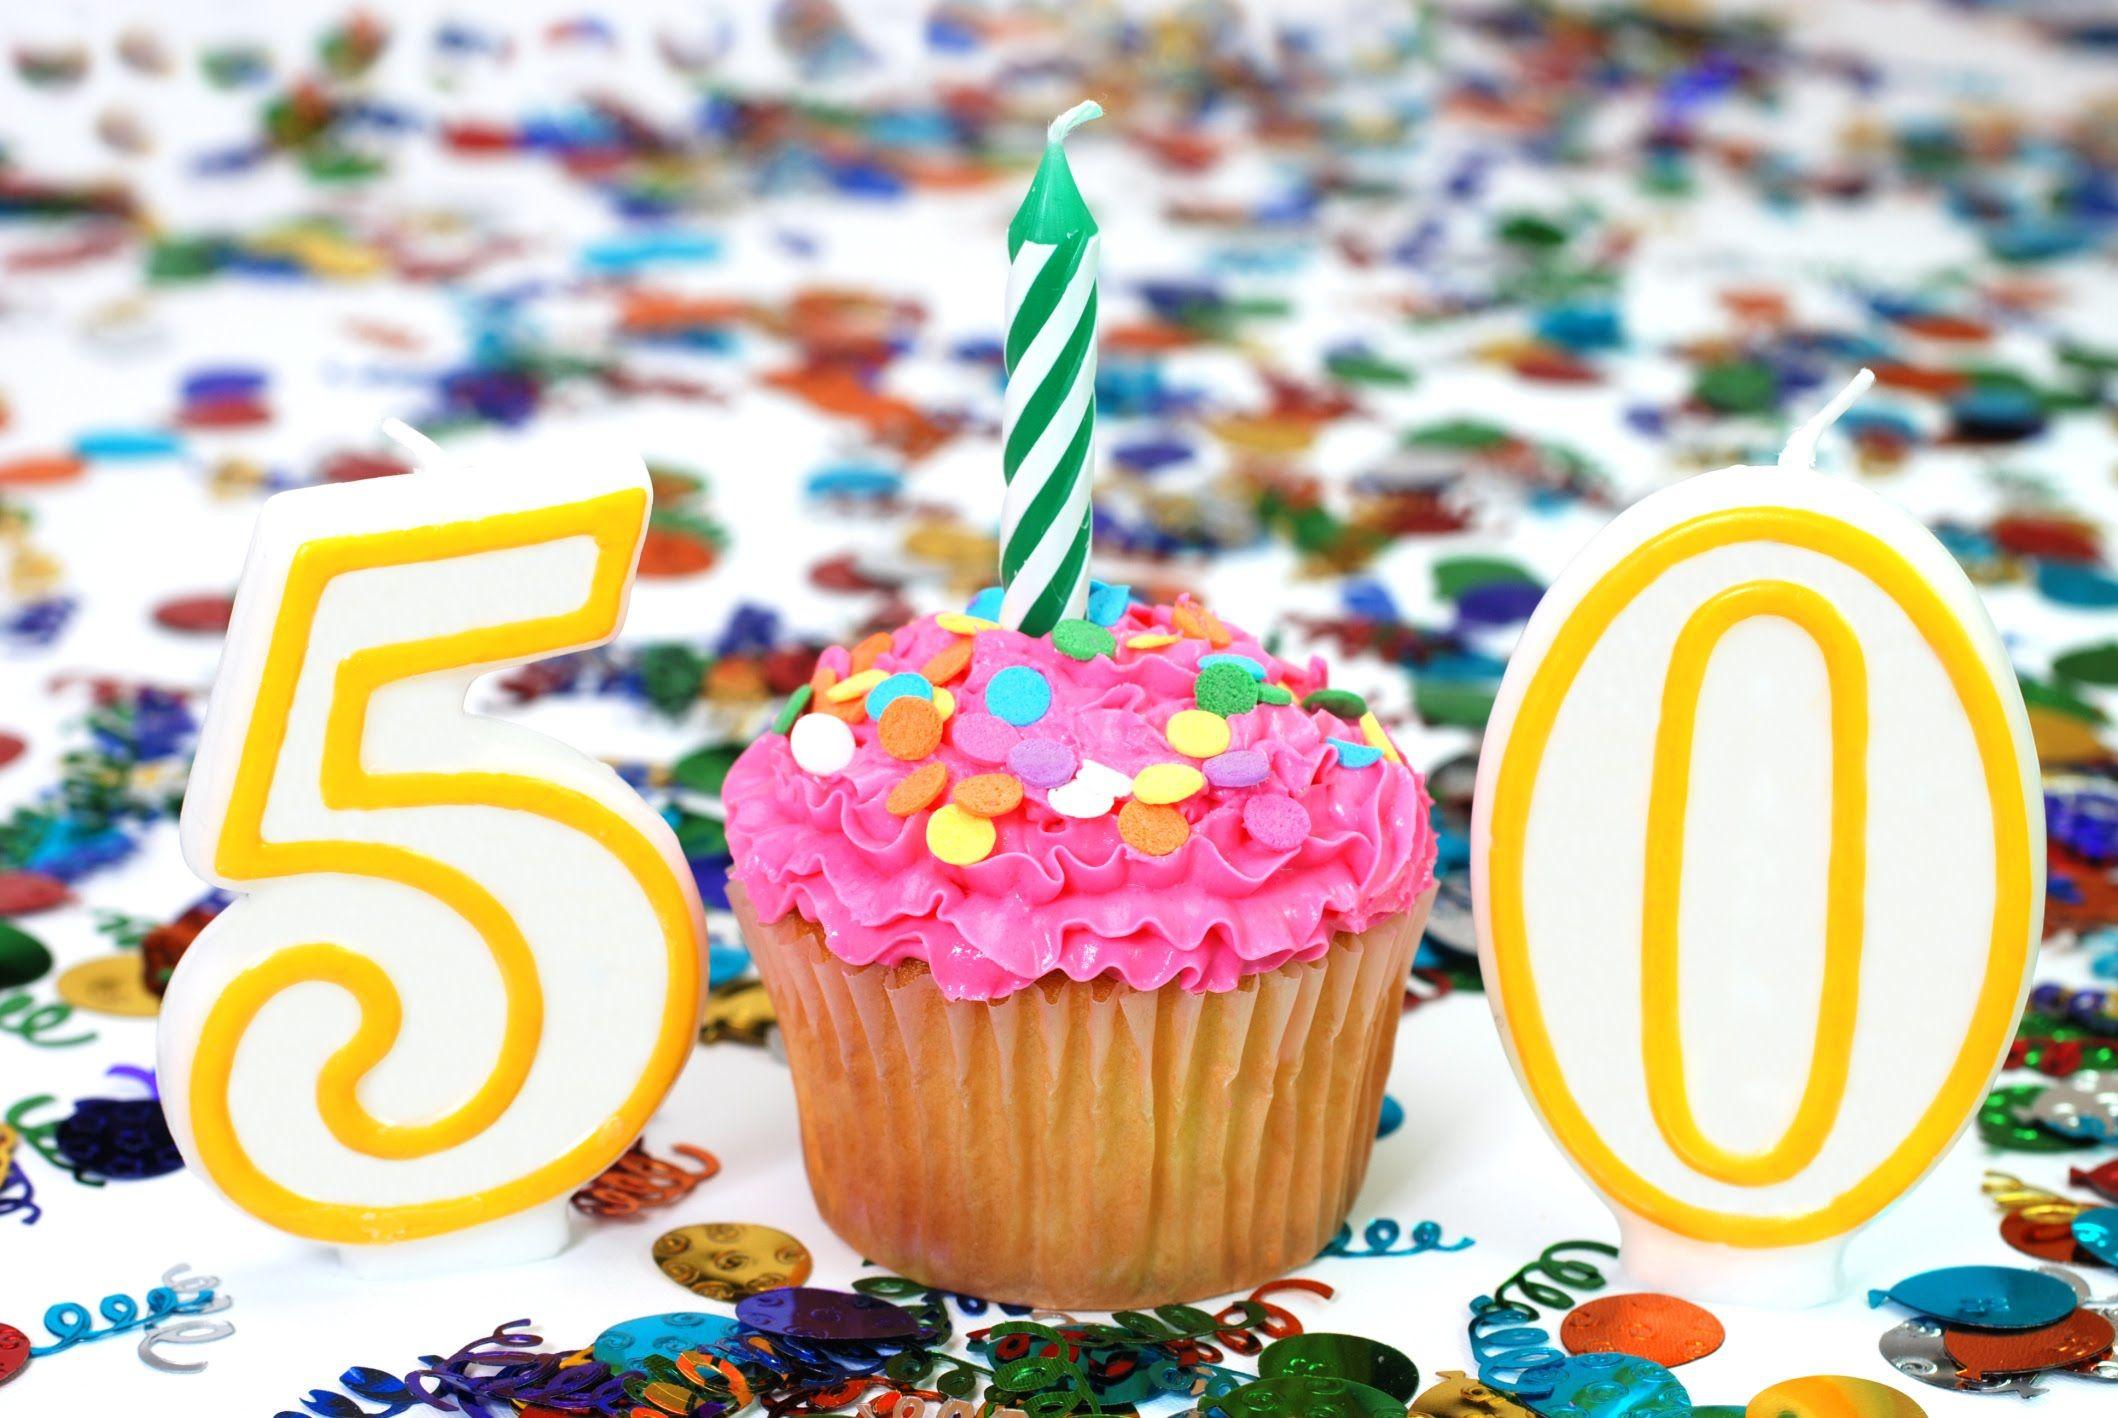 цветов картинки с 50 летним юбилеем подруге юноша